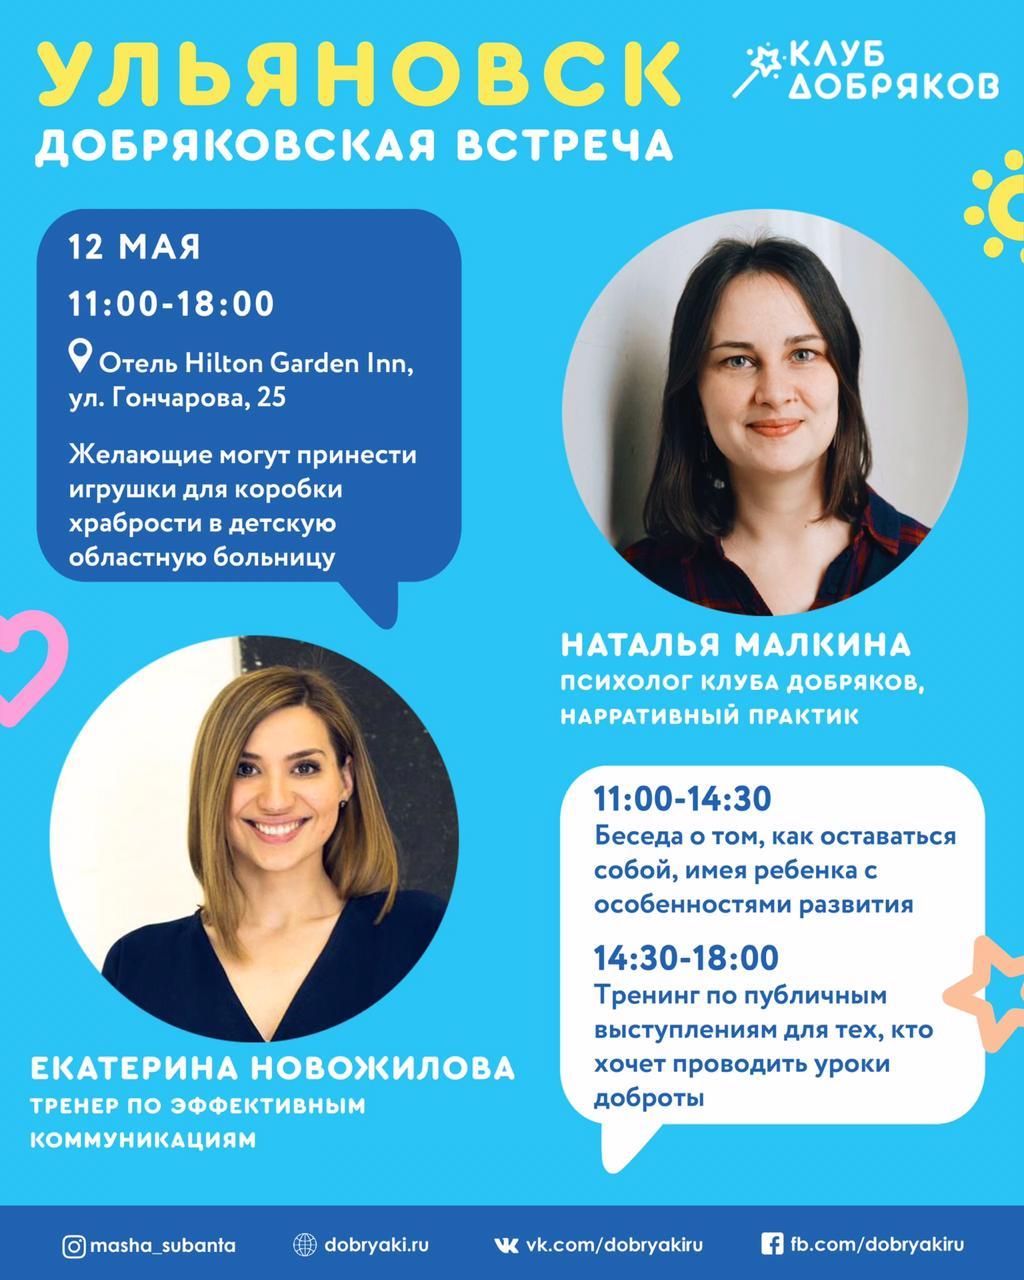 Добряковская встреча в Ульяновске